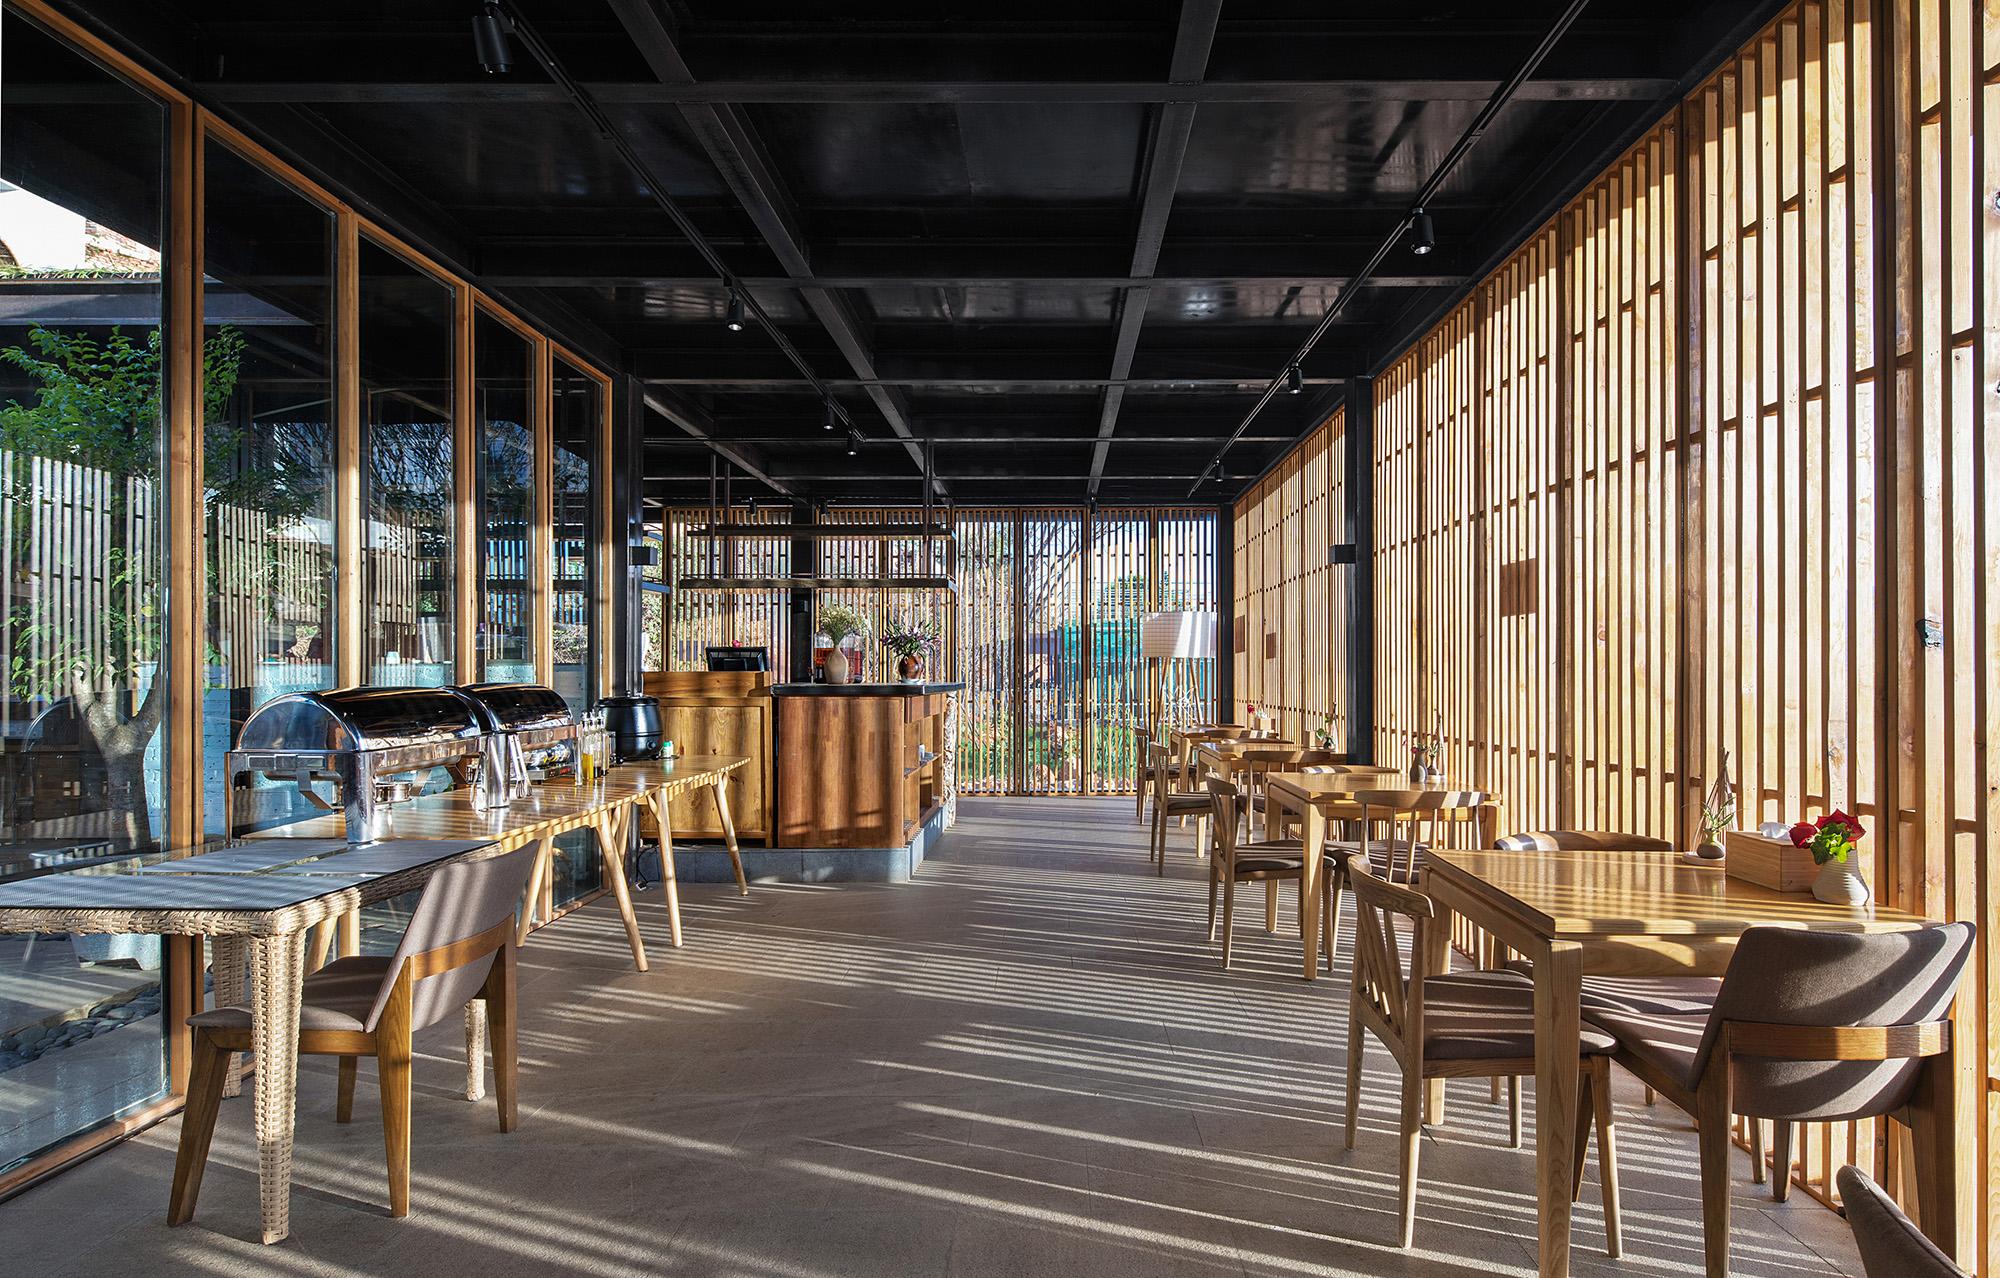 02-下院餐厅室内(存在建筑—建筑摄影)